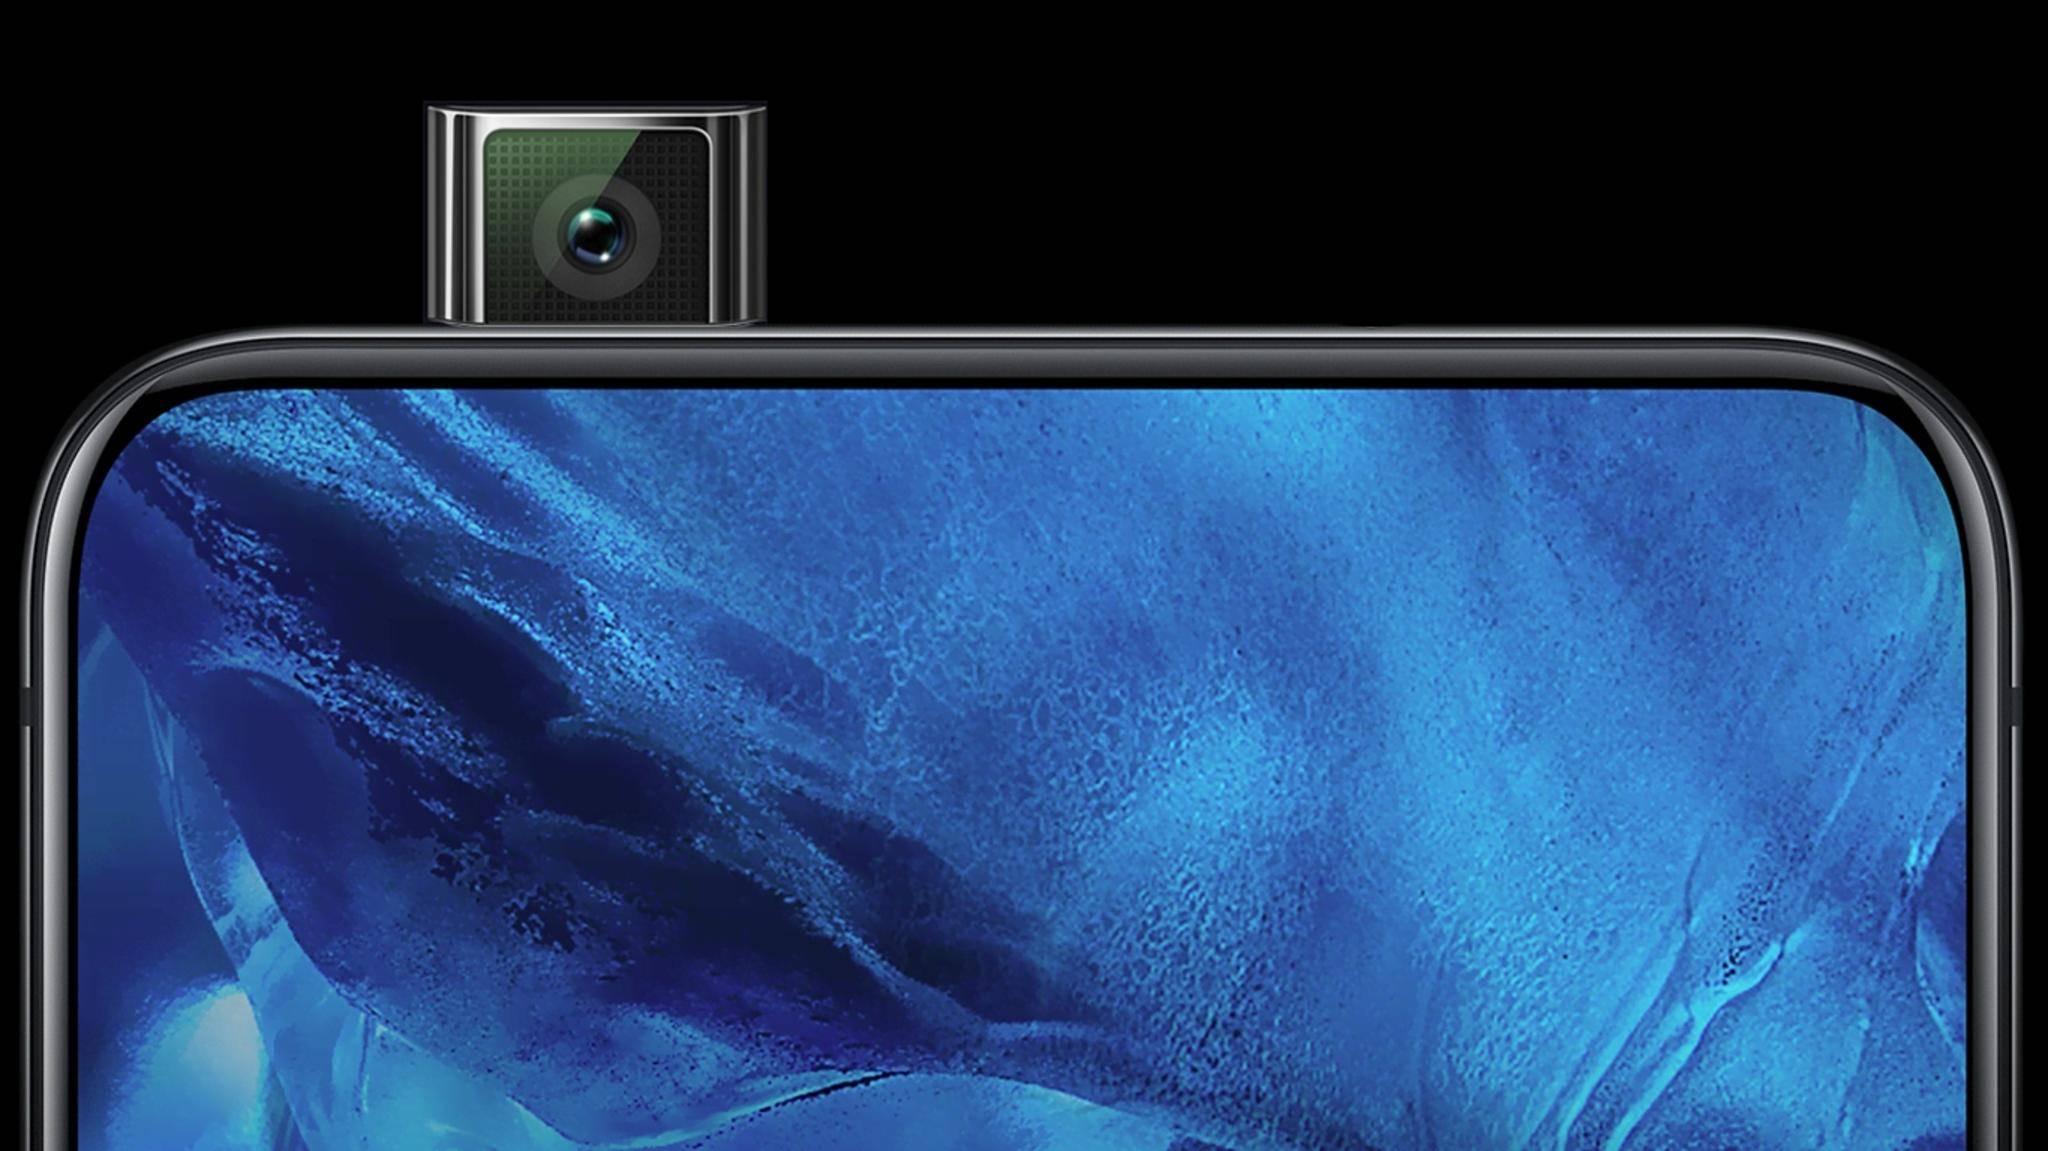 Das innovative Smartphone Vivo Nex erscheint auch außerhalb Chinas.